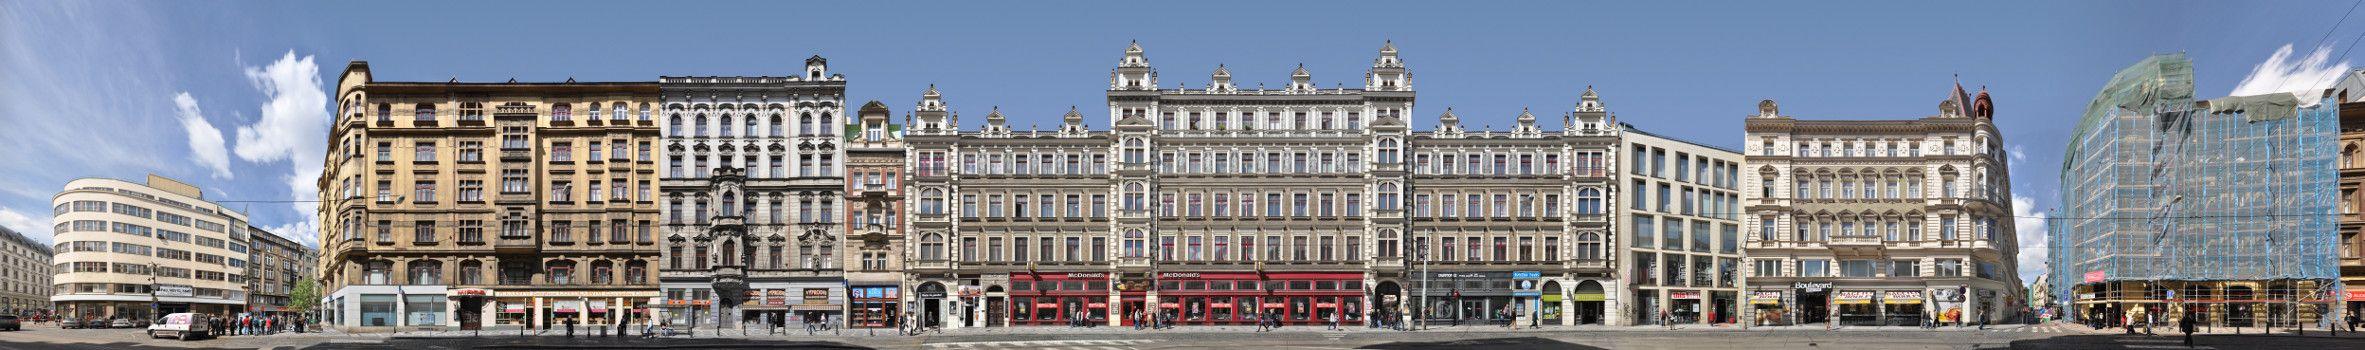 Czech Streets 09